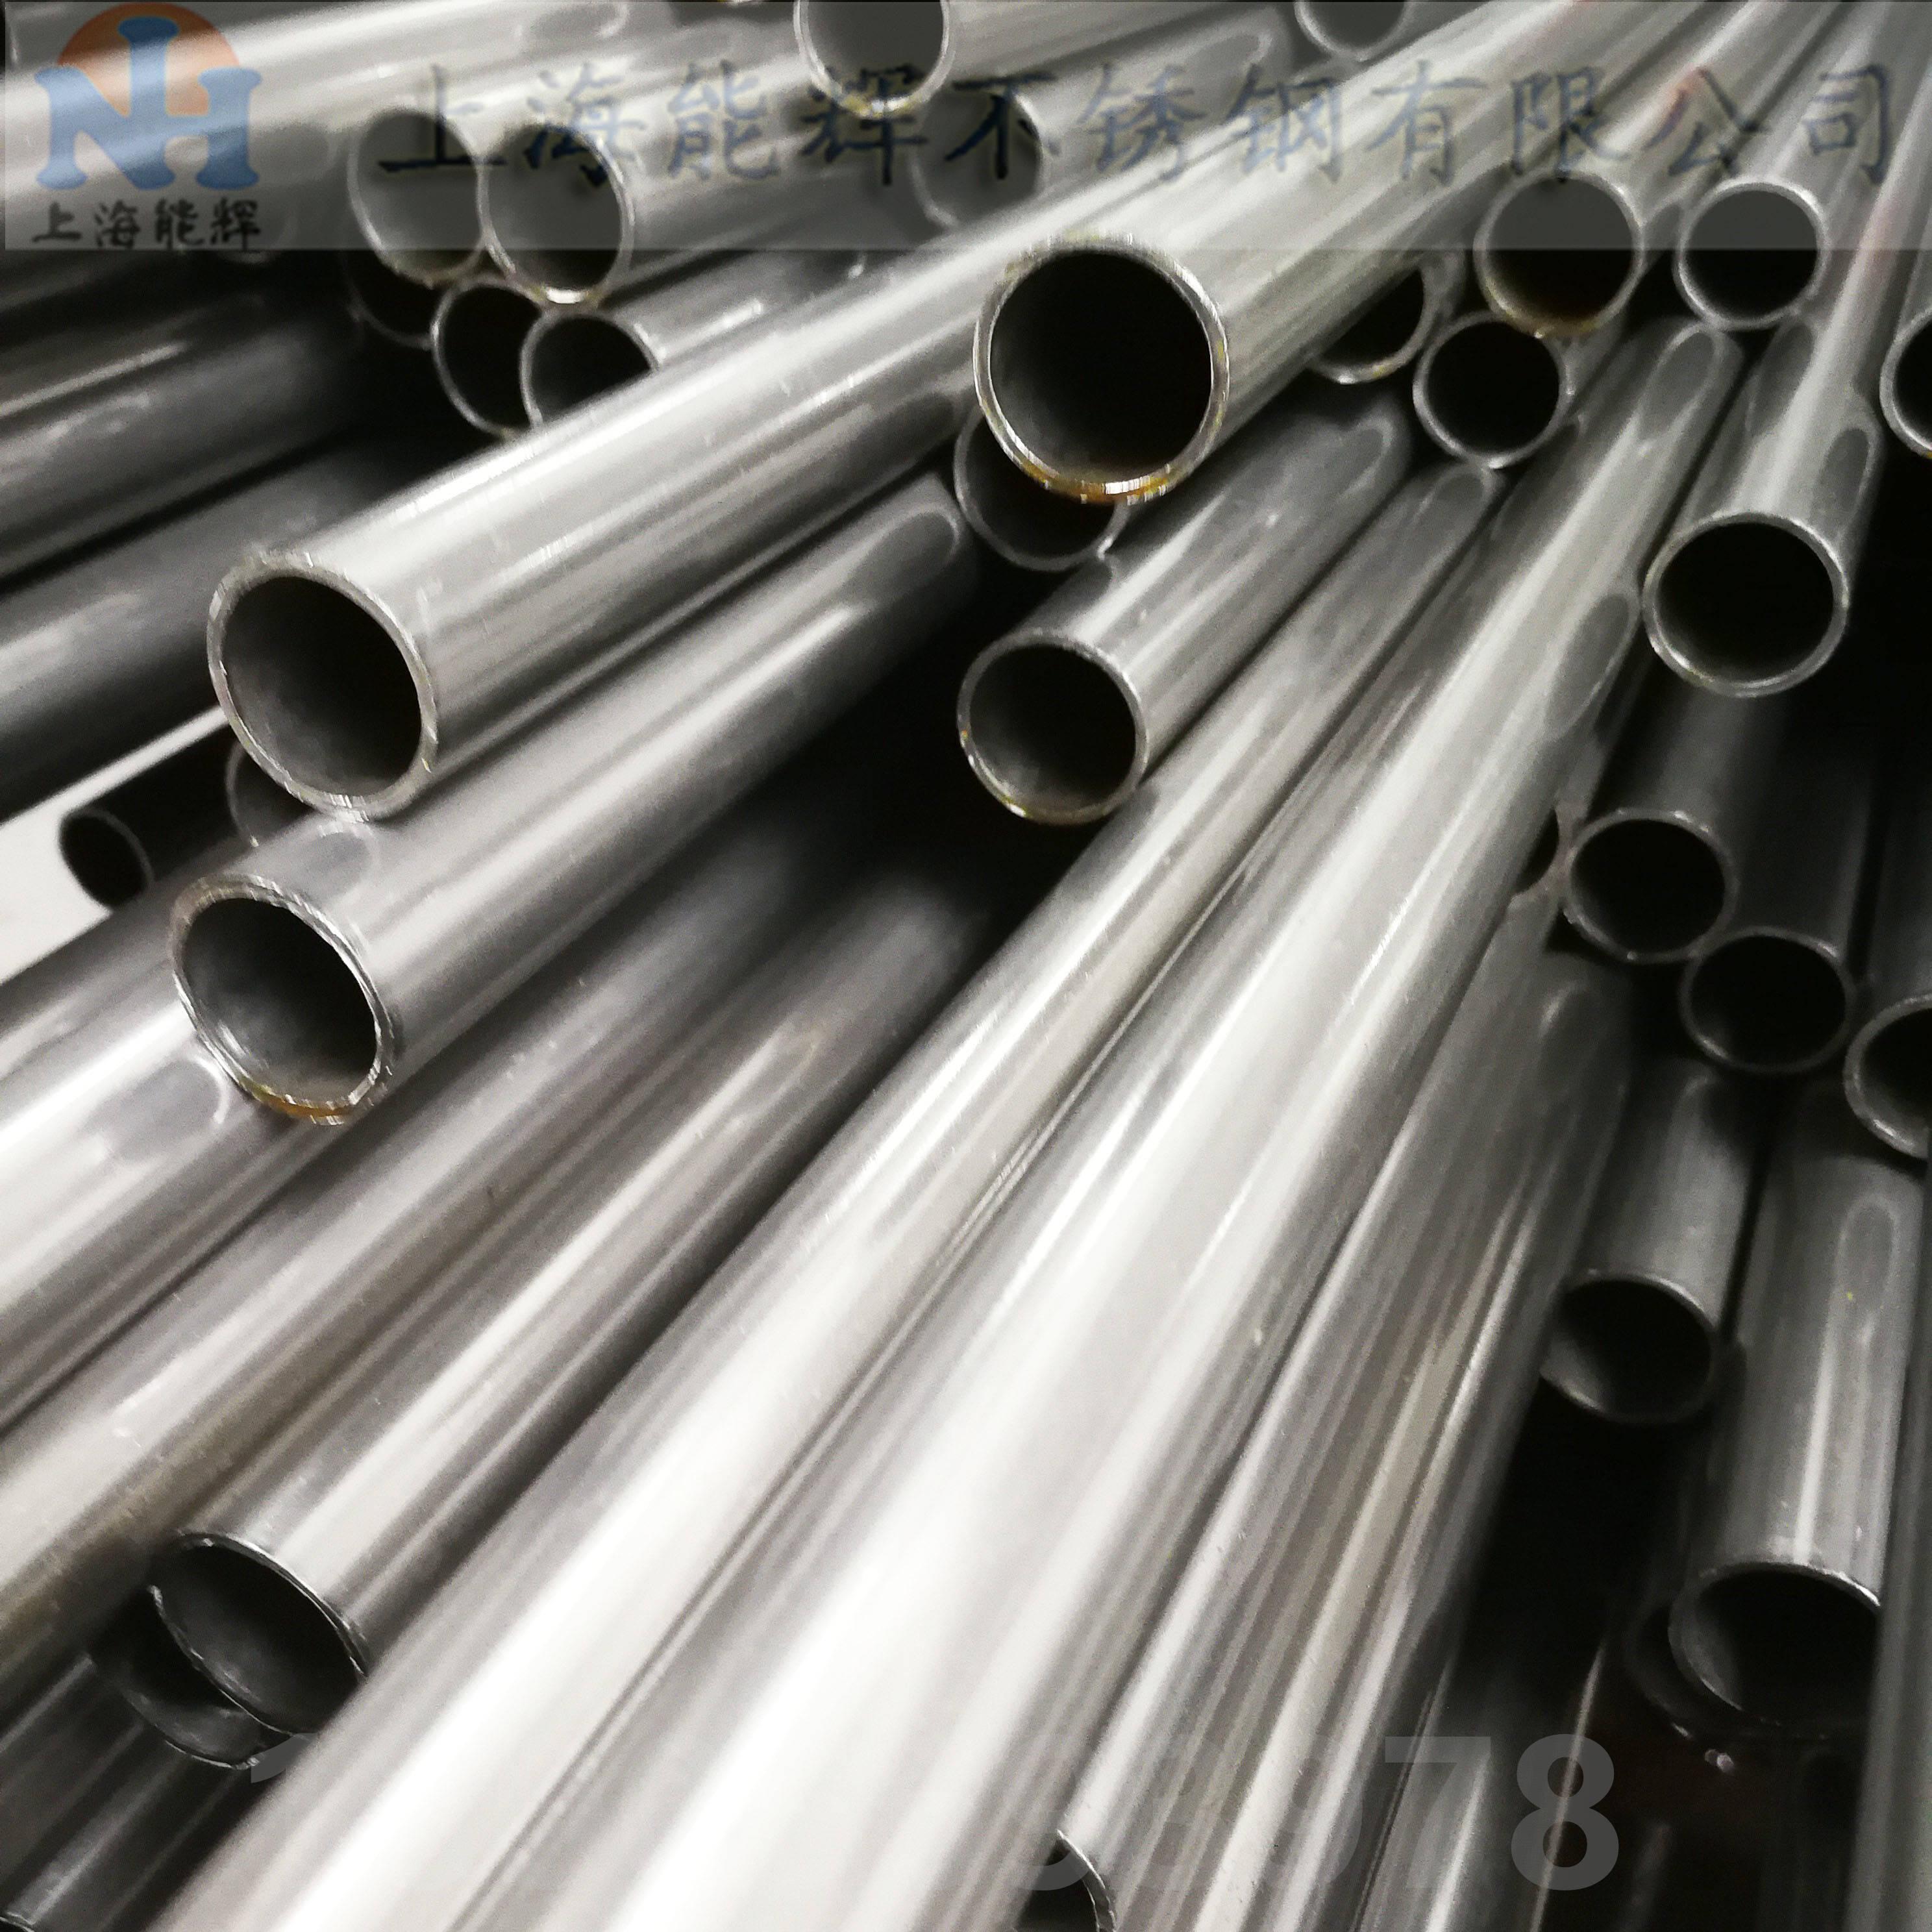 34*1卫生级不锈钢管灵活支持各种复杂的开放式加工设备管理系统(图2)